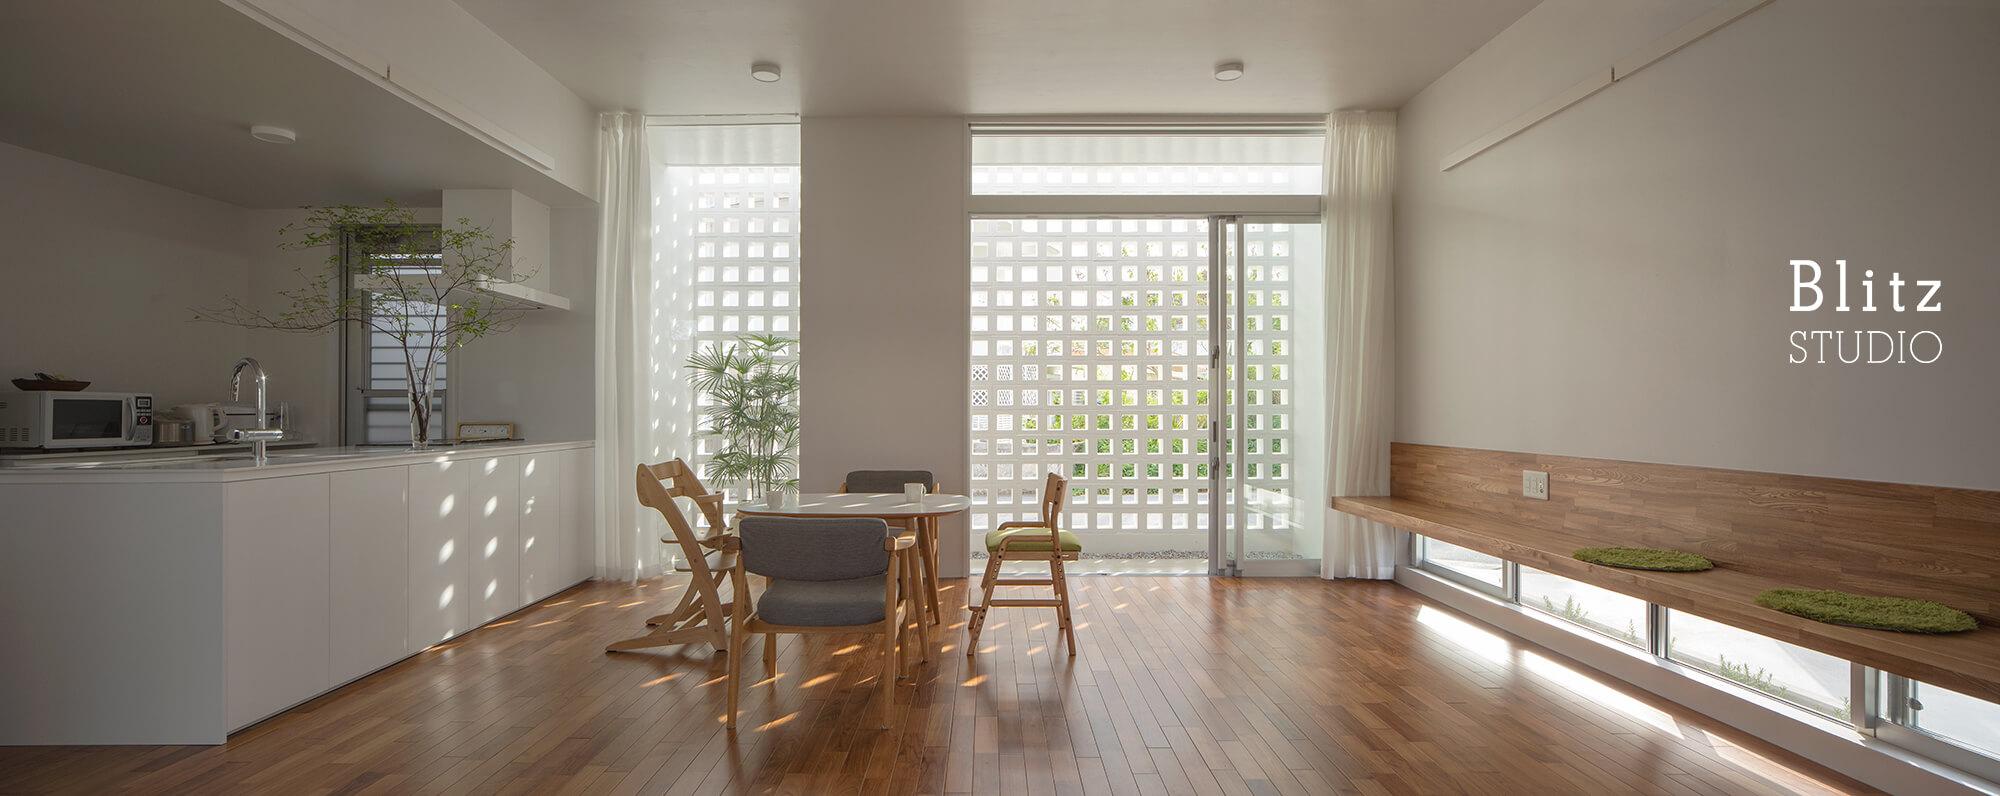 『風と生きる花ブロックの家』建築写真・竣工写真・インテリア写真7